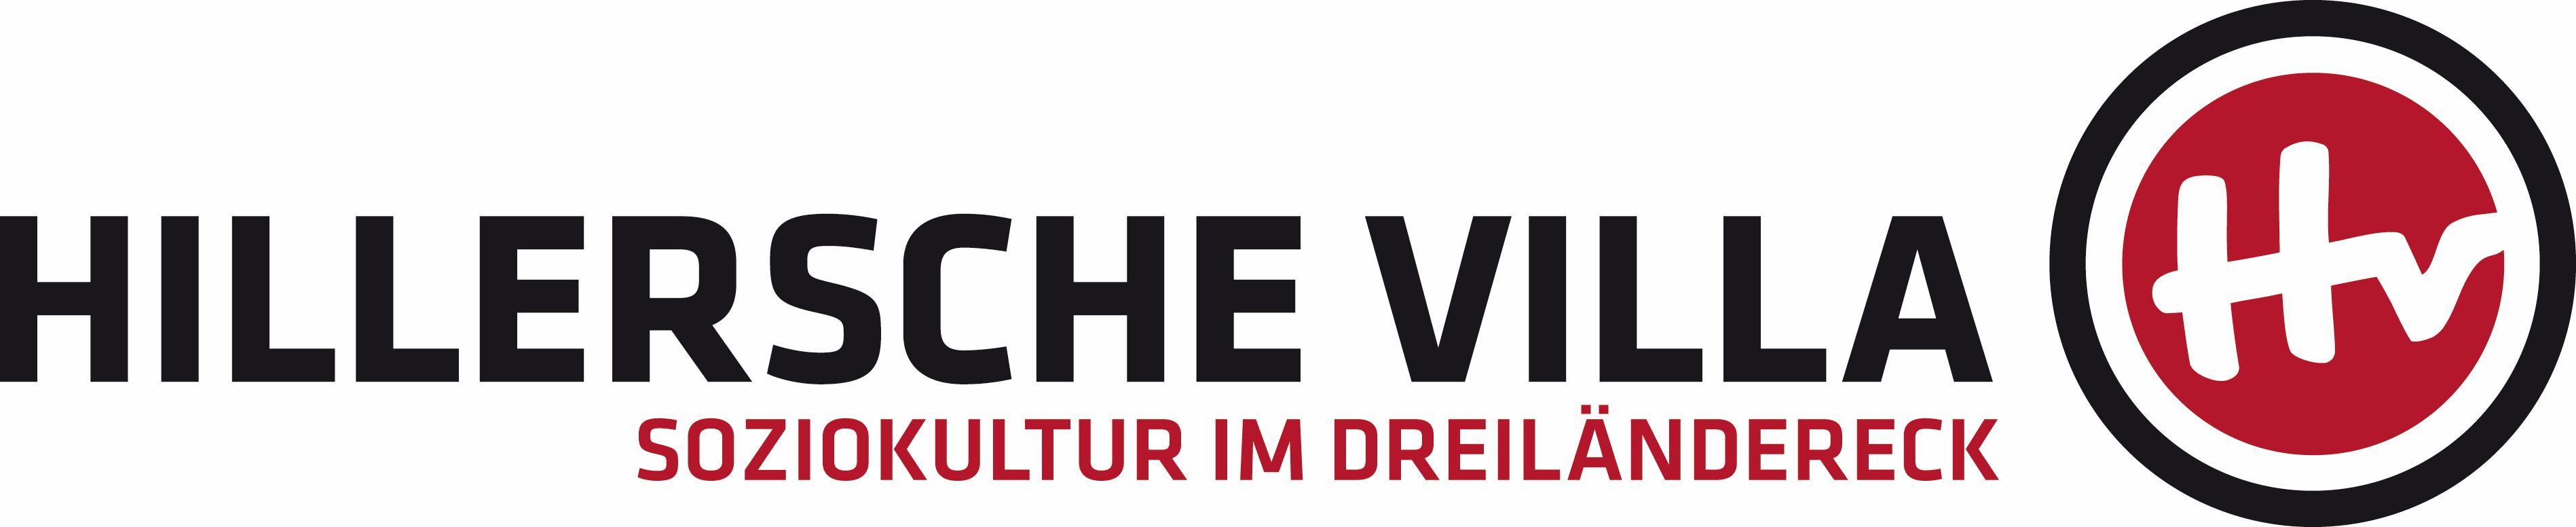 https://pnwm.org/wp-content/uploads/2021/03/Hillersche-Villa-Logo-Test.png